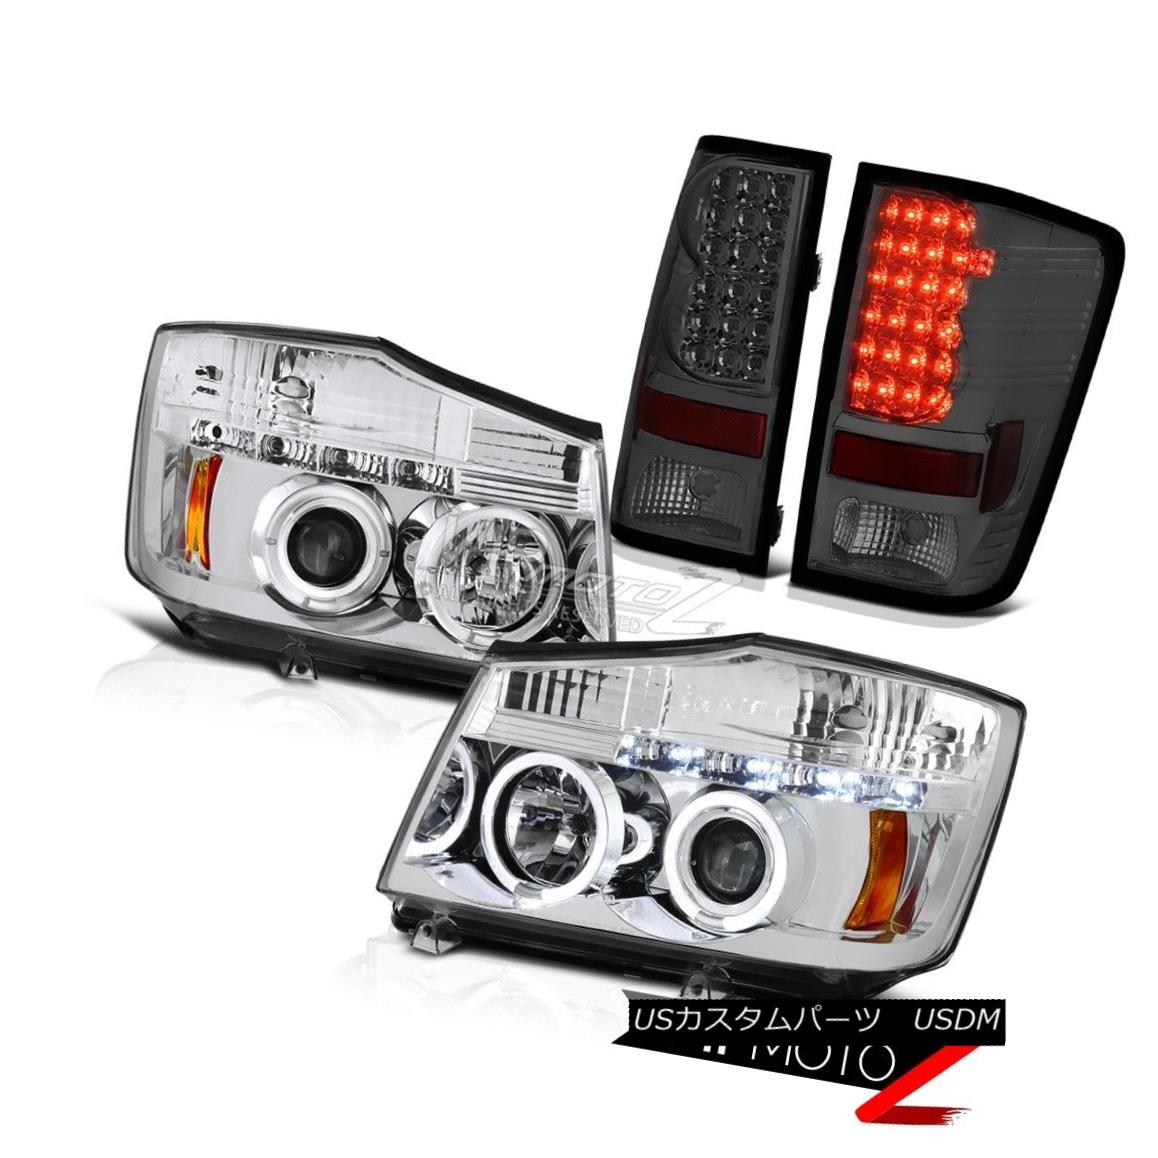 テールライト For 04-15 Titan SL Crystal Halo LED Headlight Smoke Rear Signal LED Tail Light 04 - 15タイタンSLクリスタルハローLEDヘッドライトスモークリアシグナルLEDテールライト